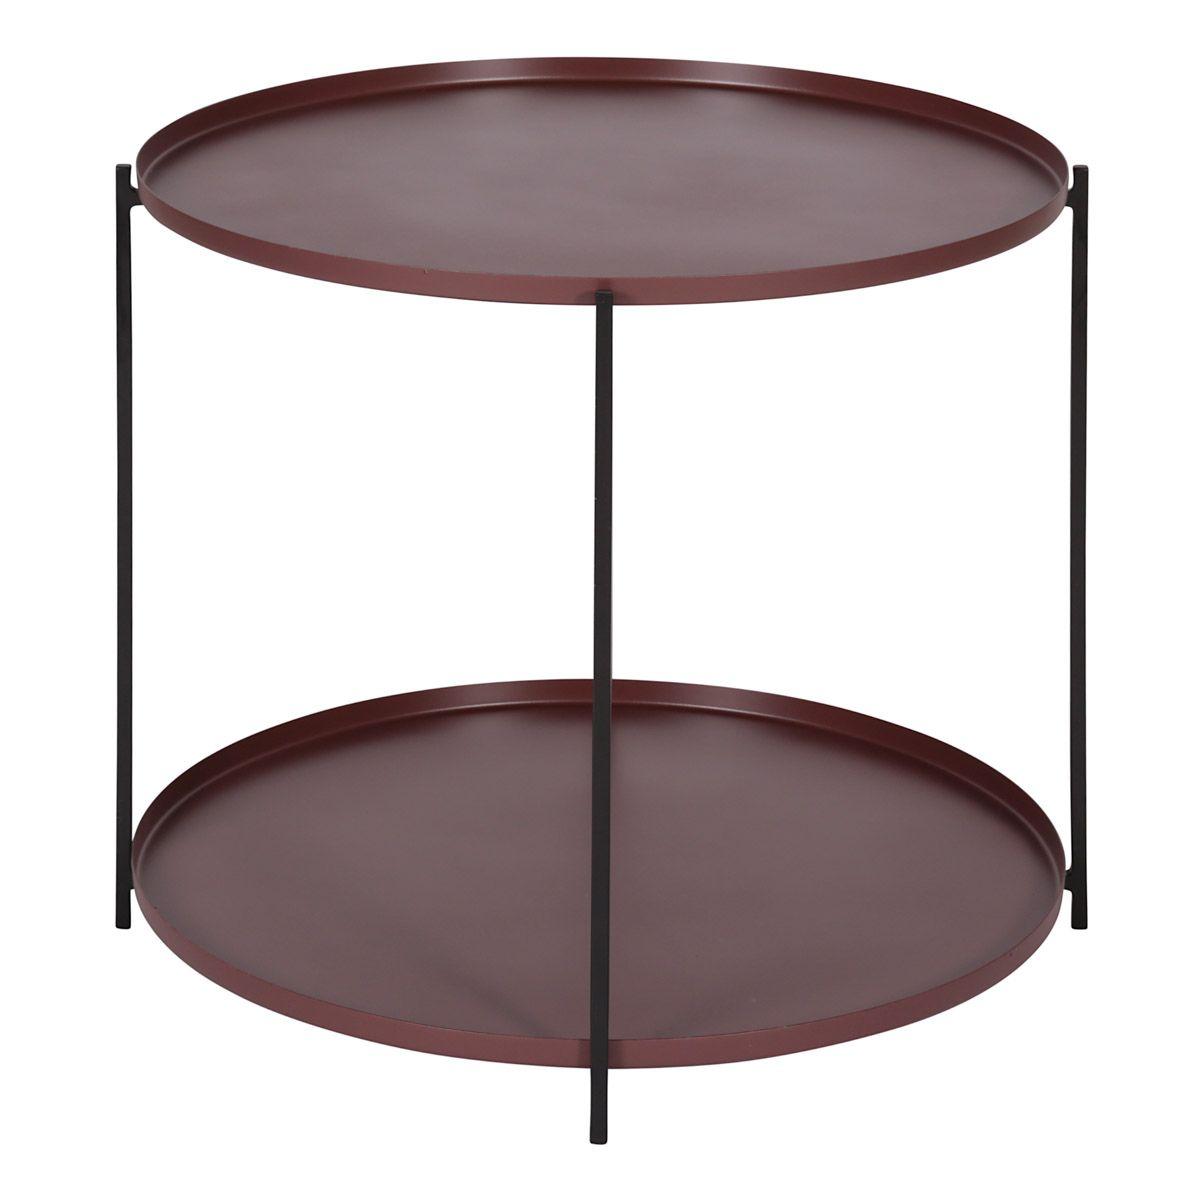 Table basse métal prune ronde D56,5 cm deux plateaux